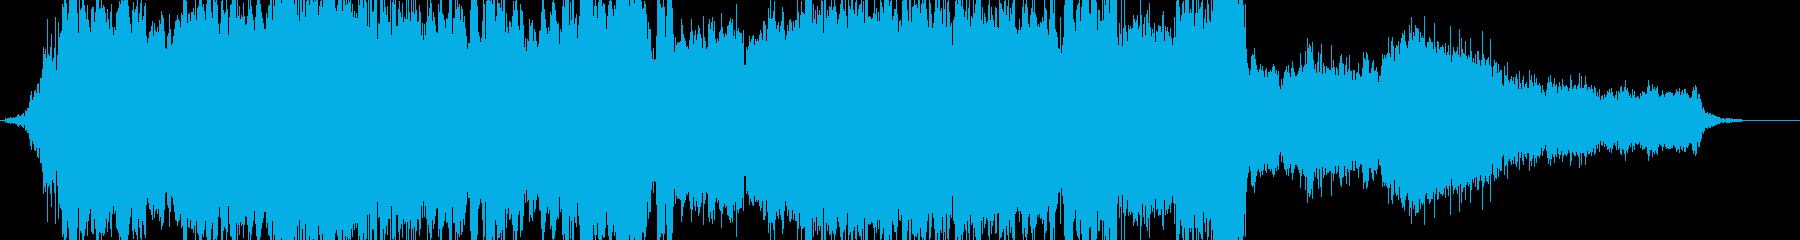 和風=オケ-事件&サスペンス余韻を残すの再生済みの波形